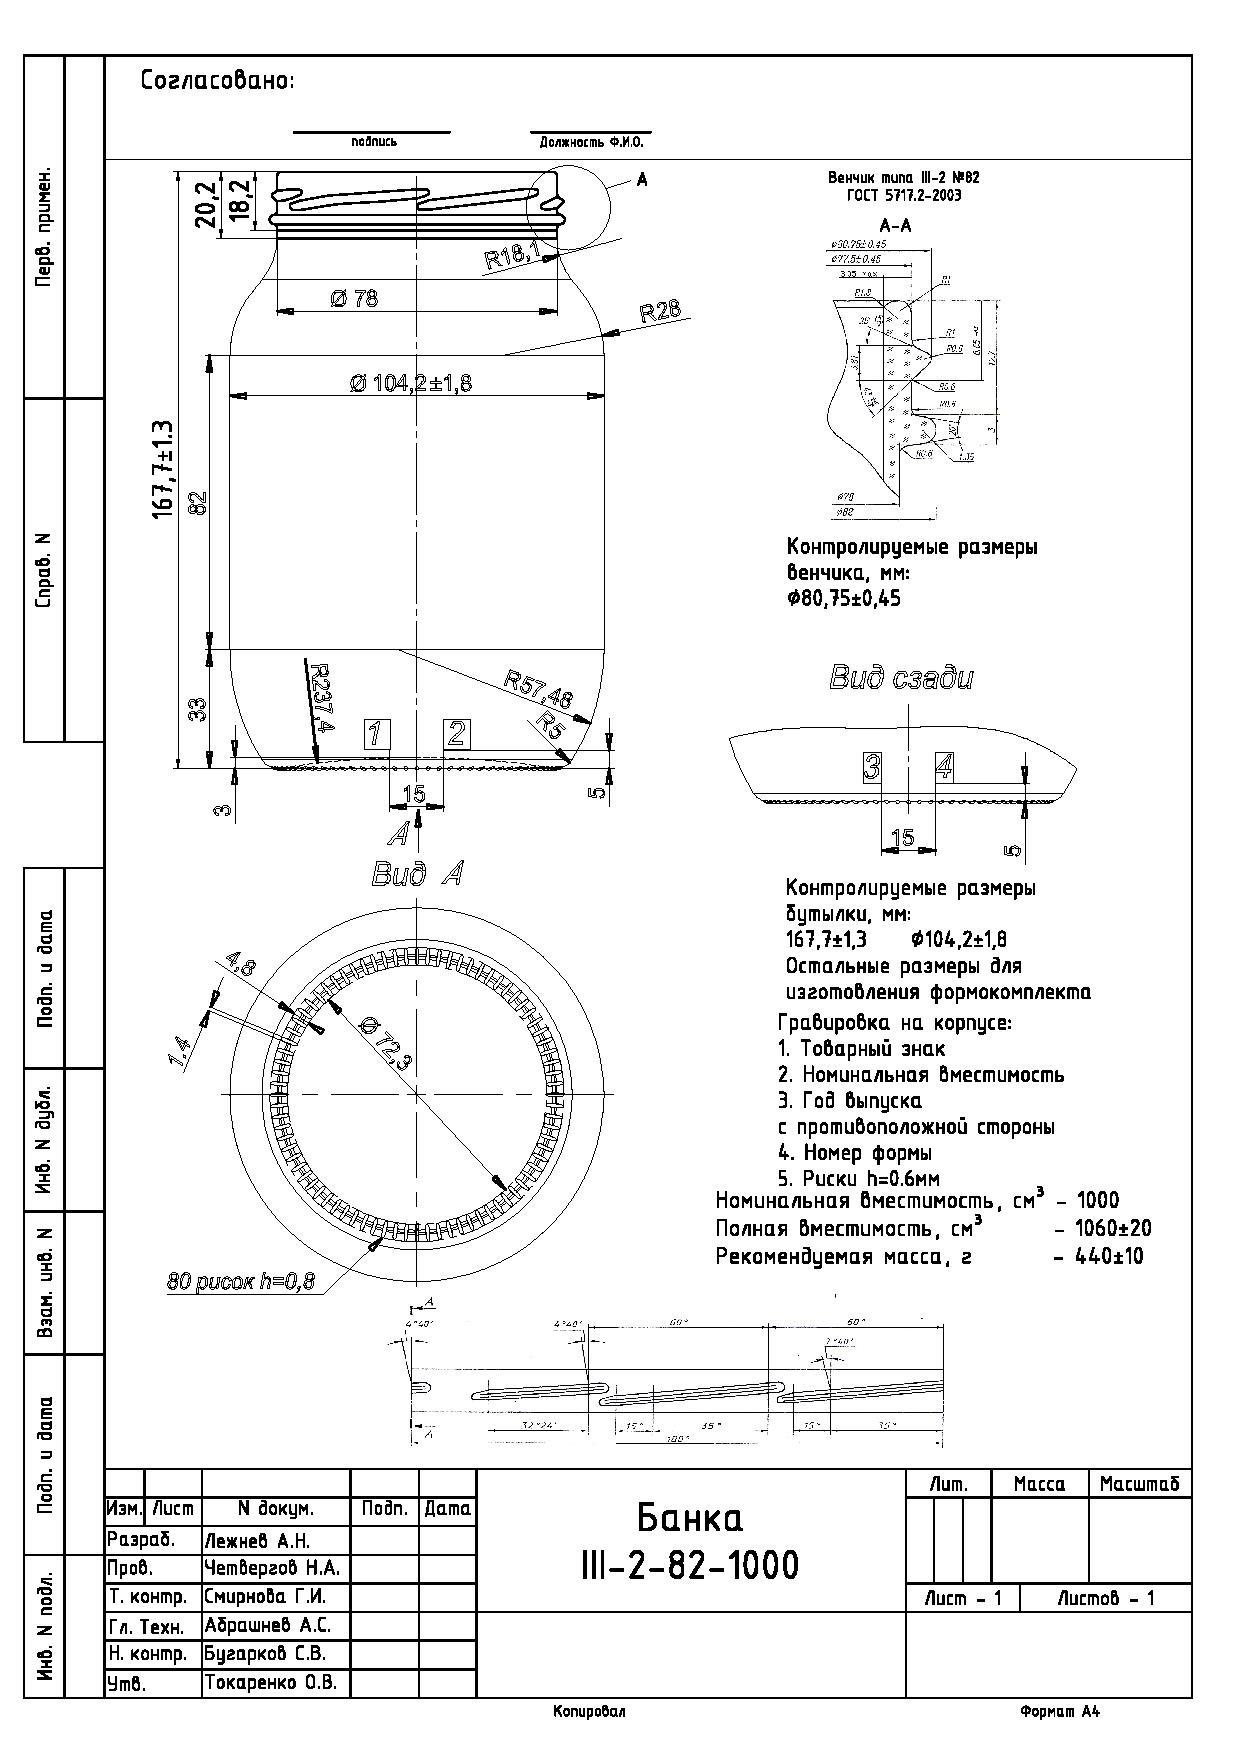 Стеклобанка ТО-82-1000 (Дм) (п.12)